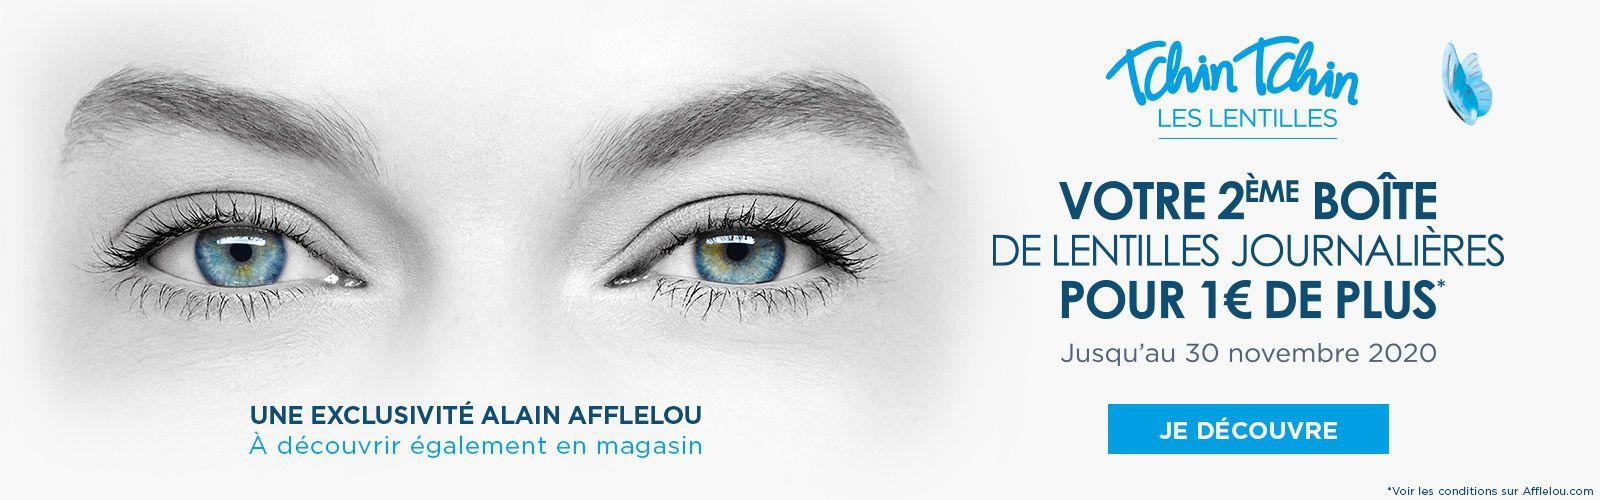 image swiper Afflelou 1